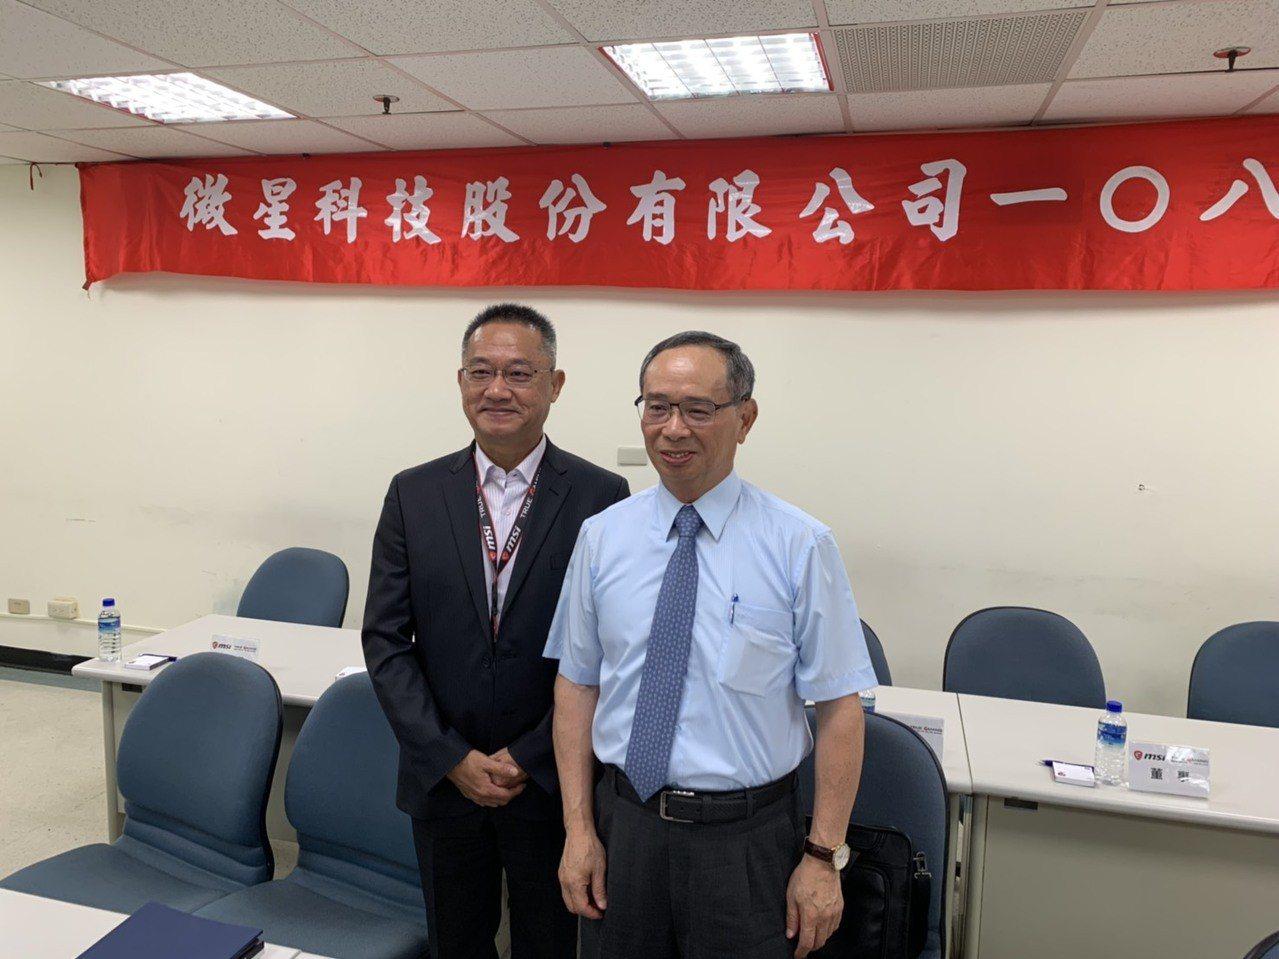 微星董事長徐祥(右)與總經理江勝昌。微星/提供